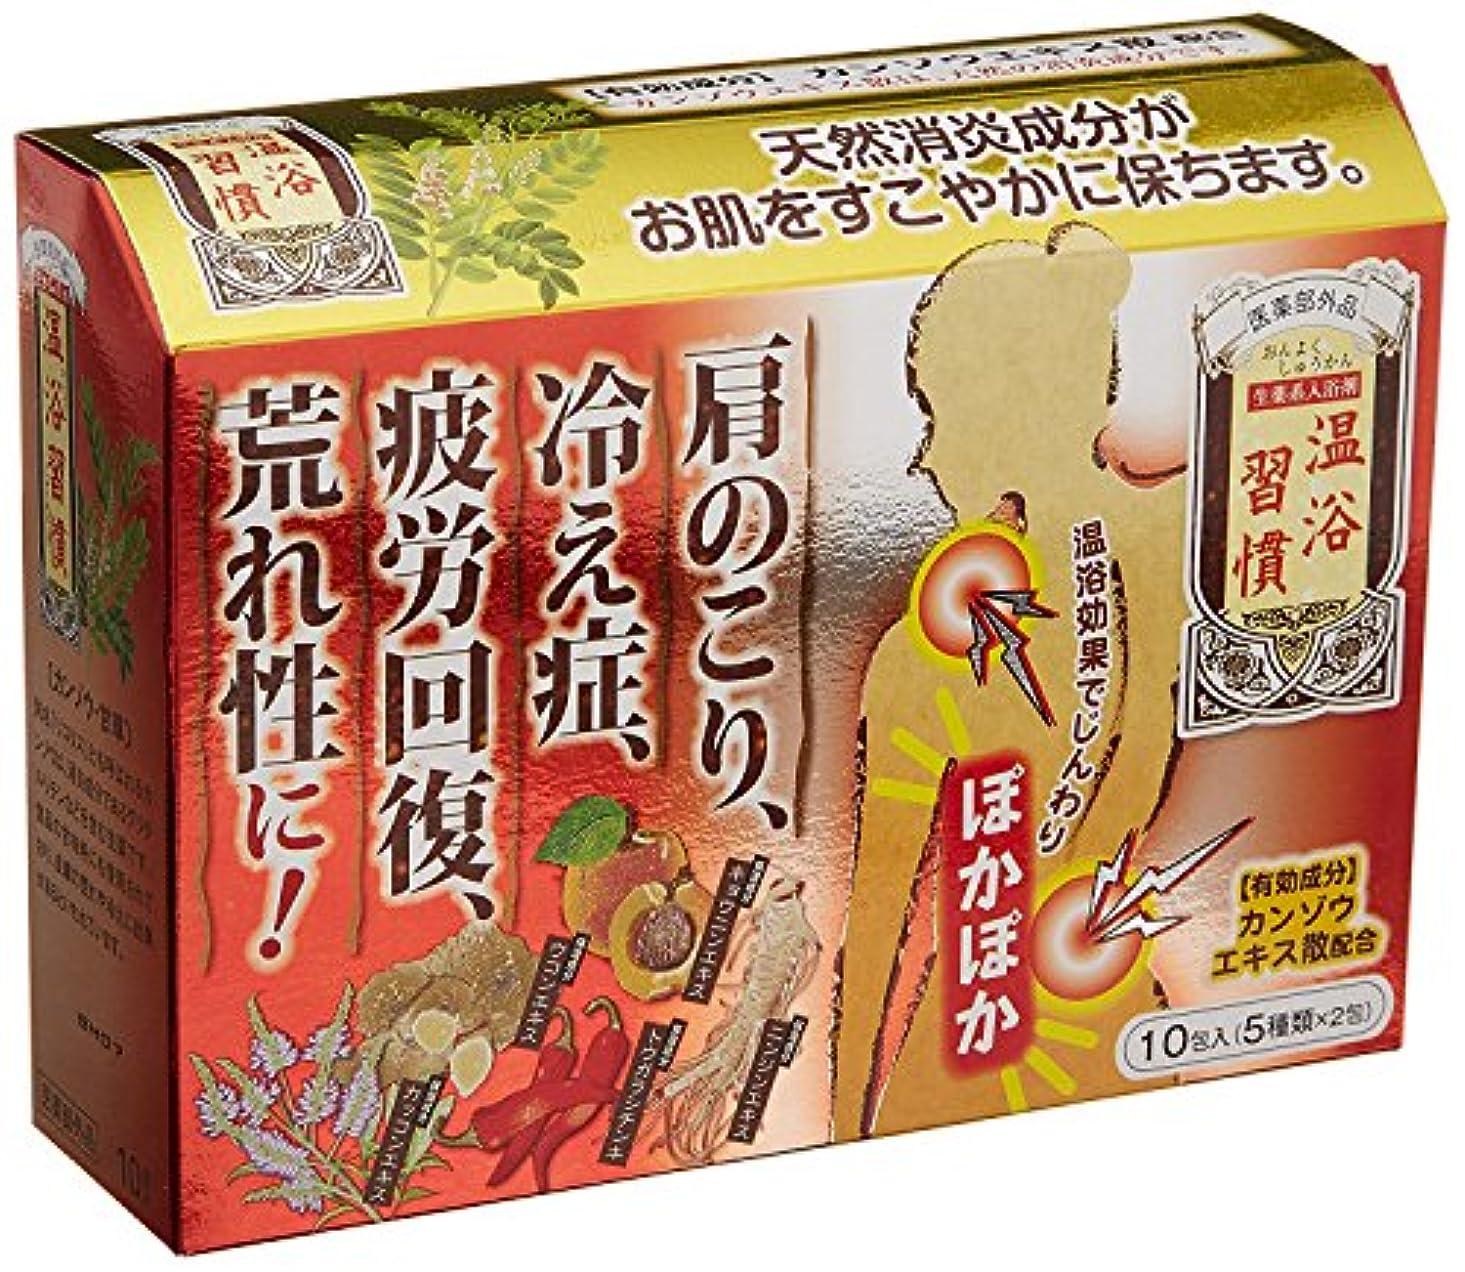 粉砕する日没同様の薬用入浴剤 温浴習慣 10包入 30g×10包 (医薬部外品) 【4点セット】